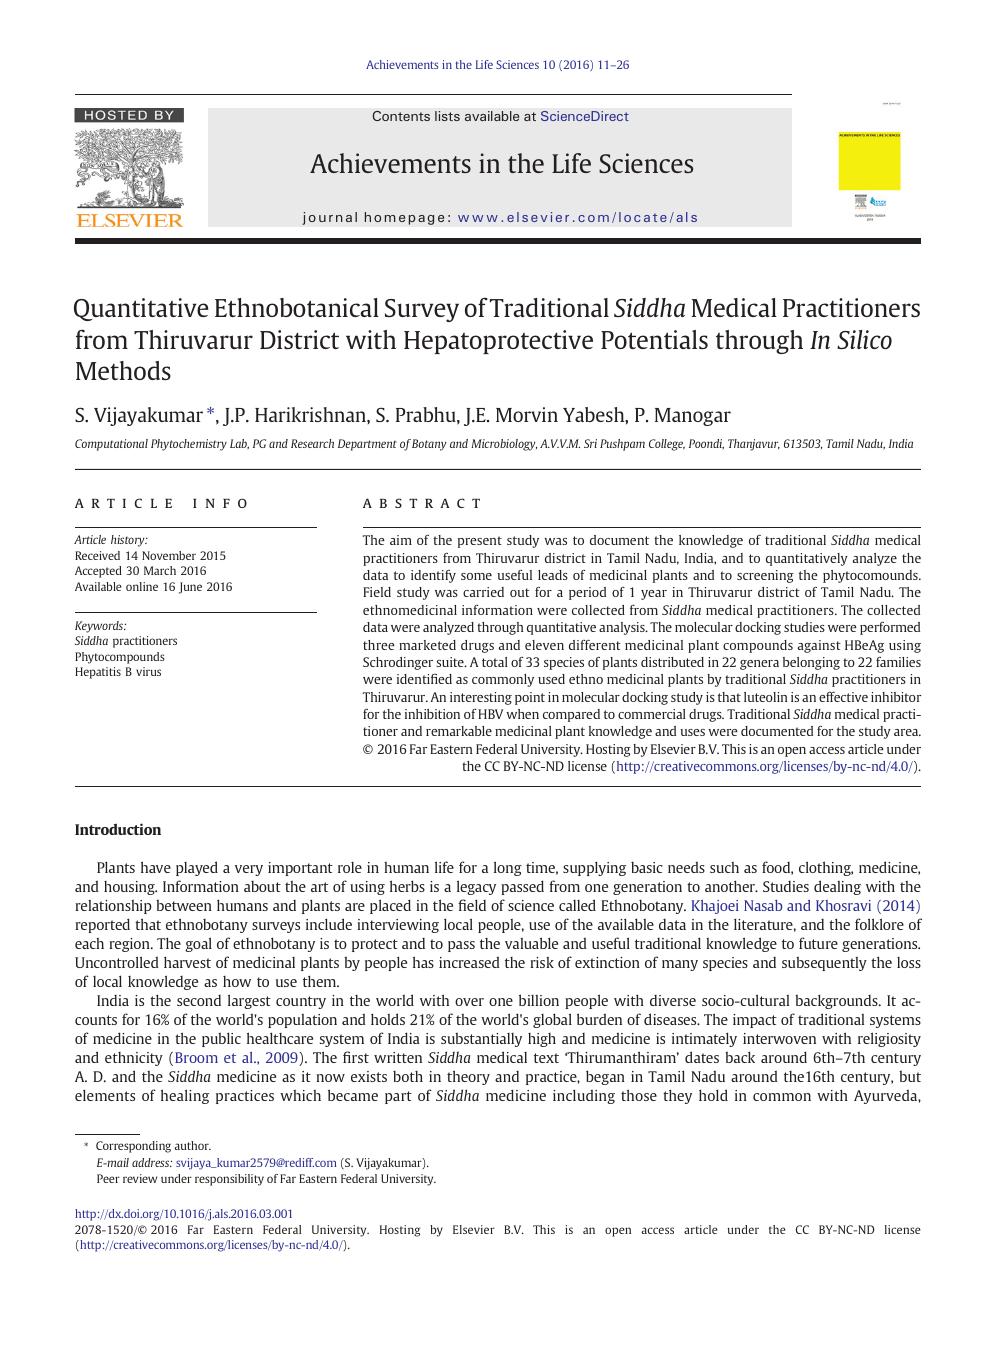 Quantitative Ethnobotanical Survey of Traditional Siddha Medical